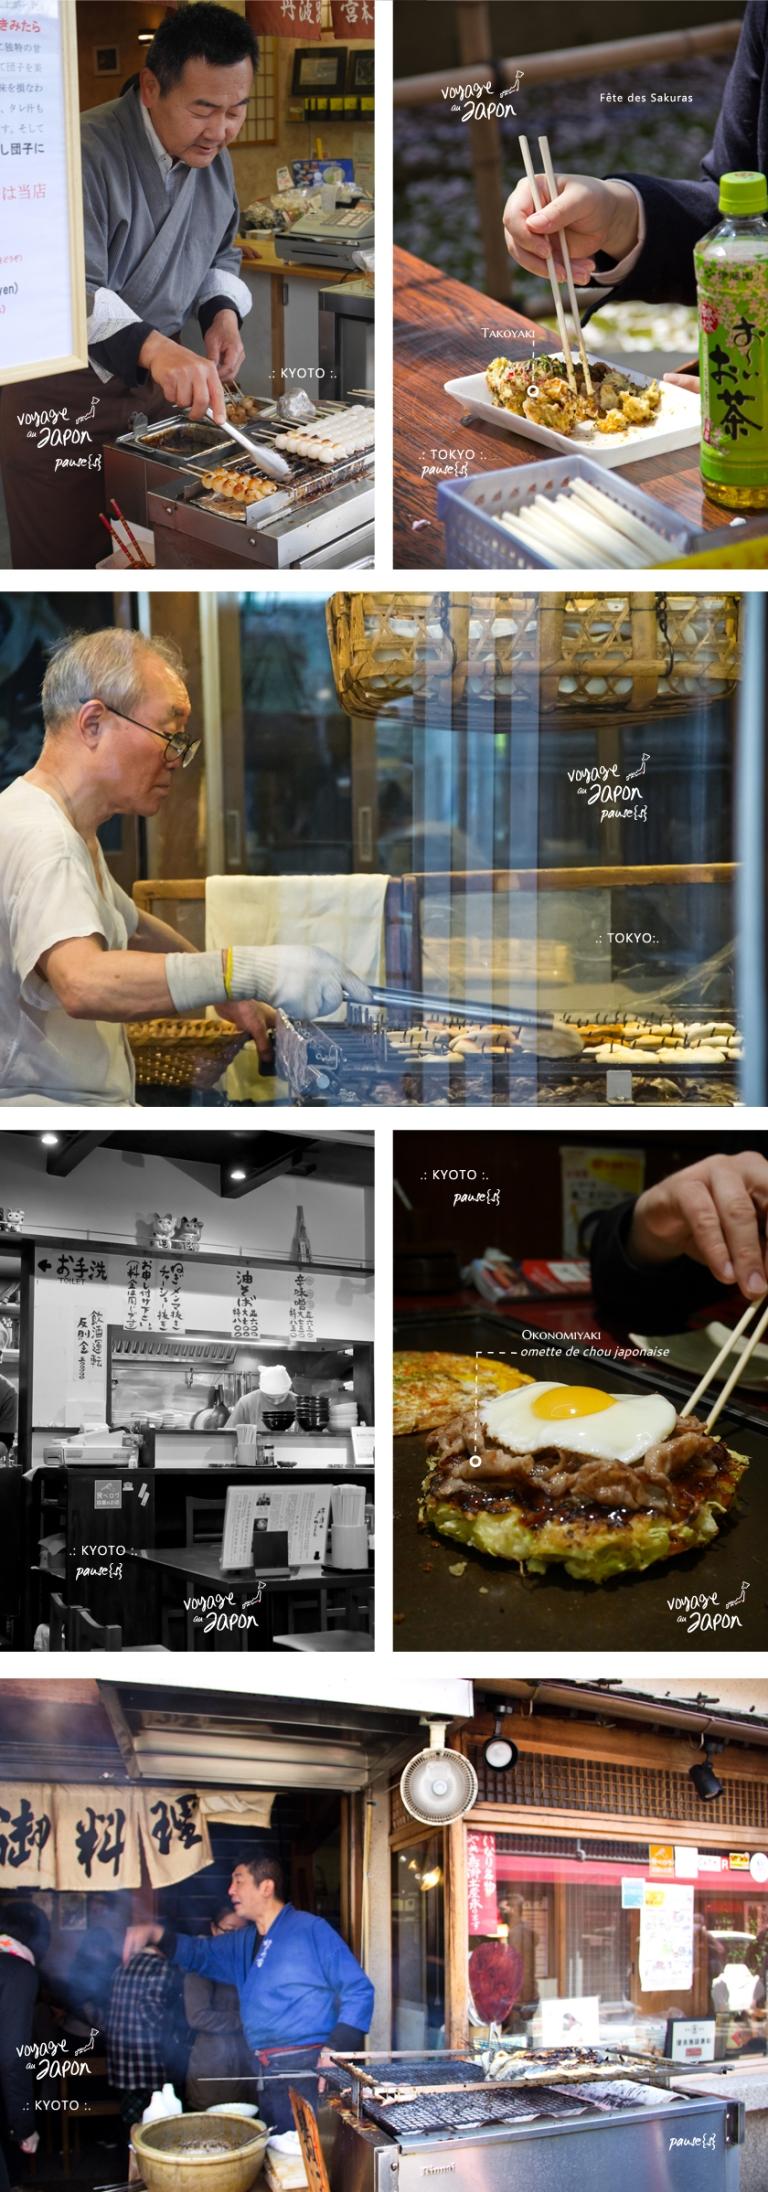 japanfood-5